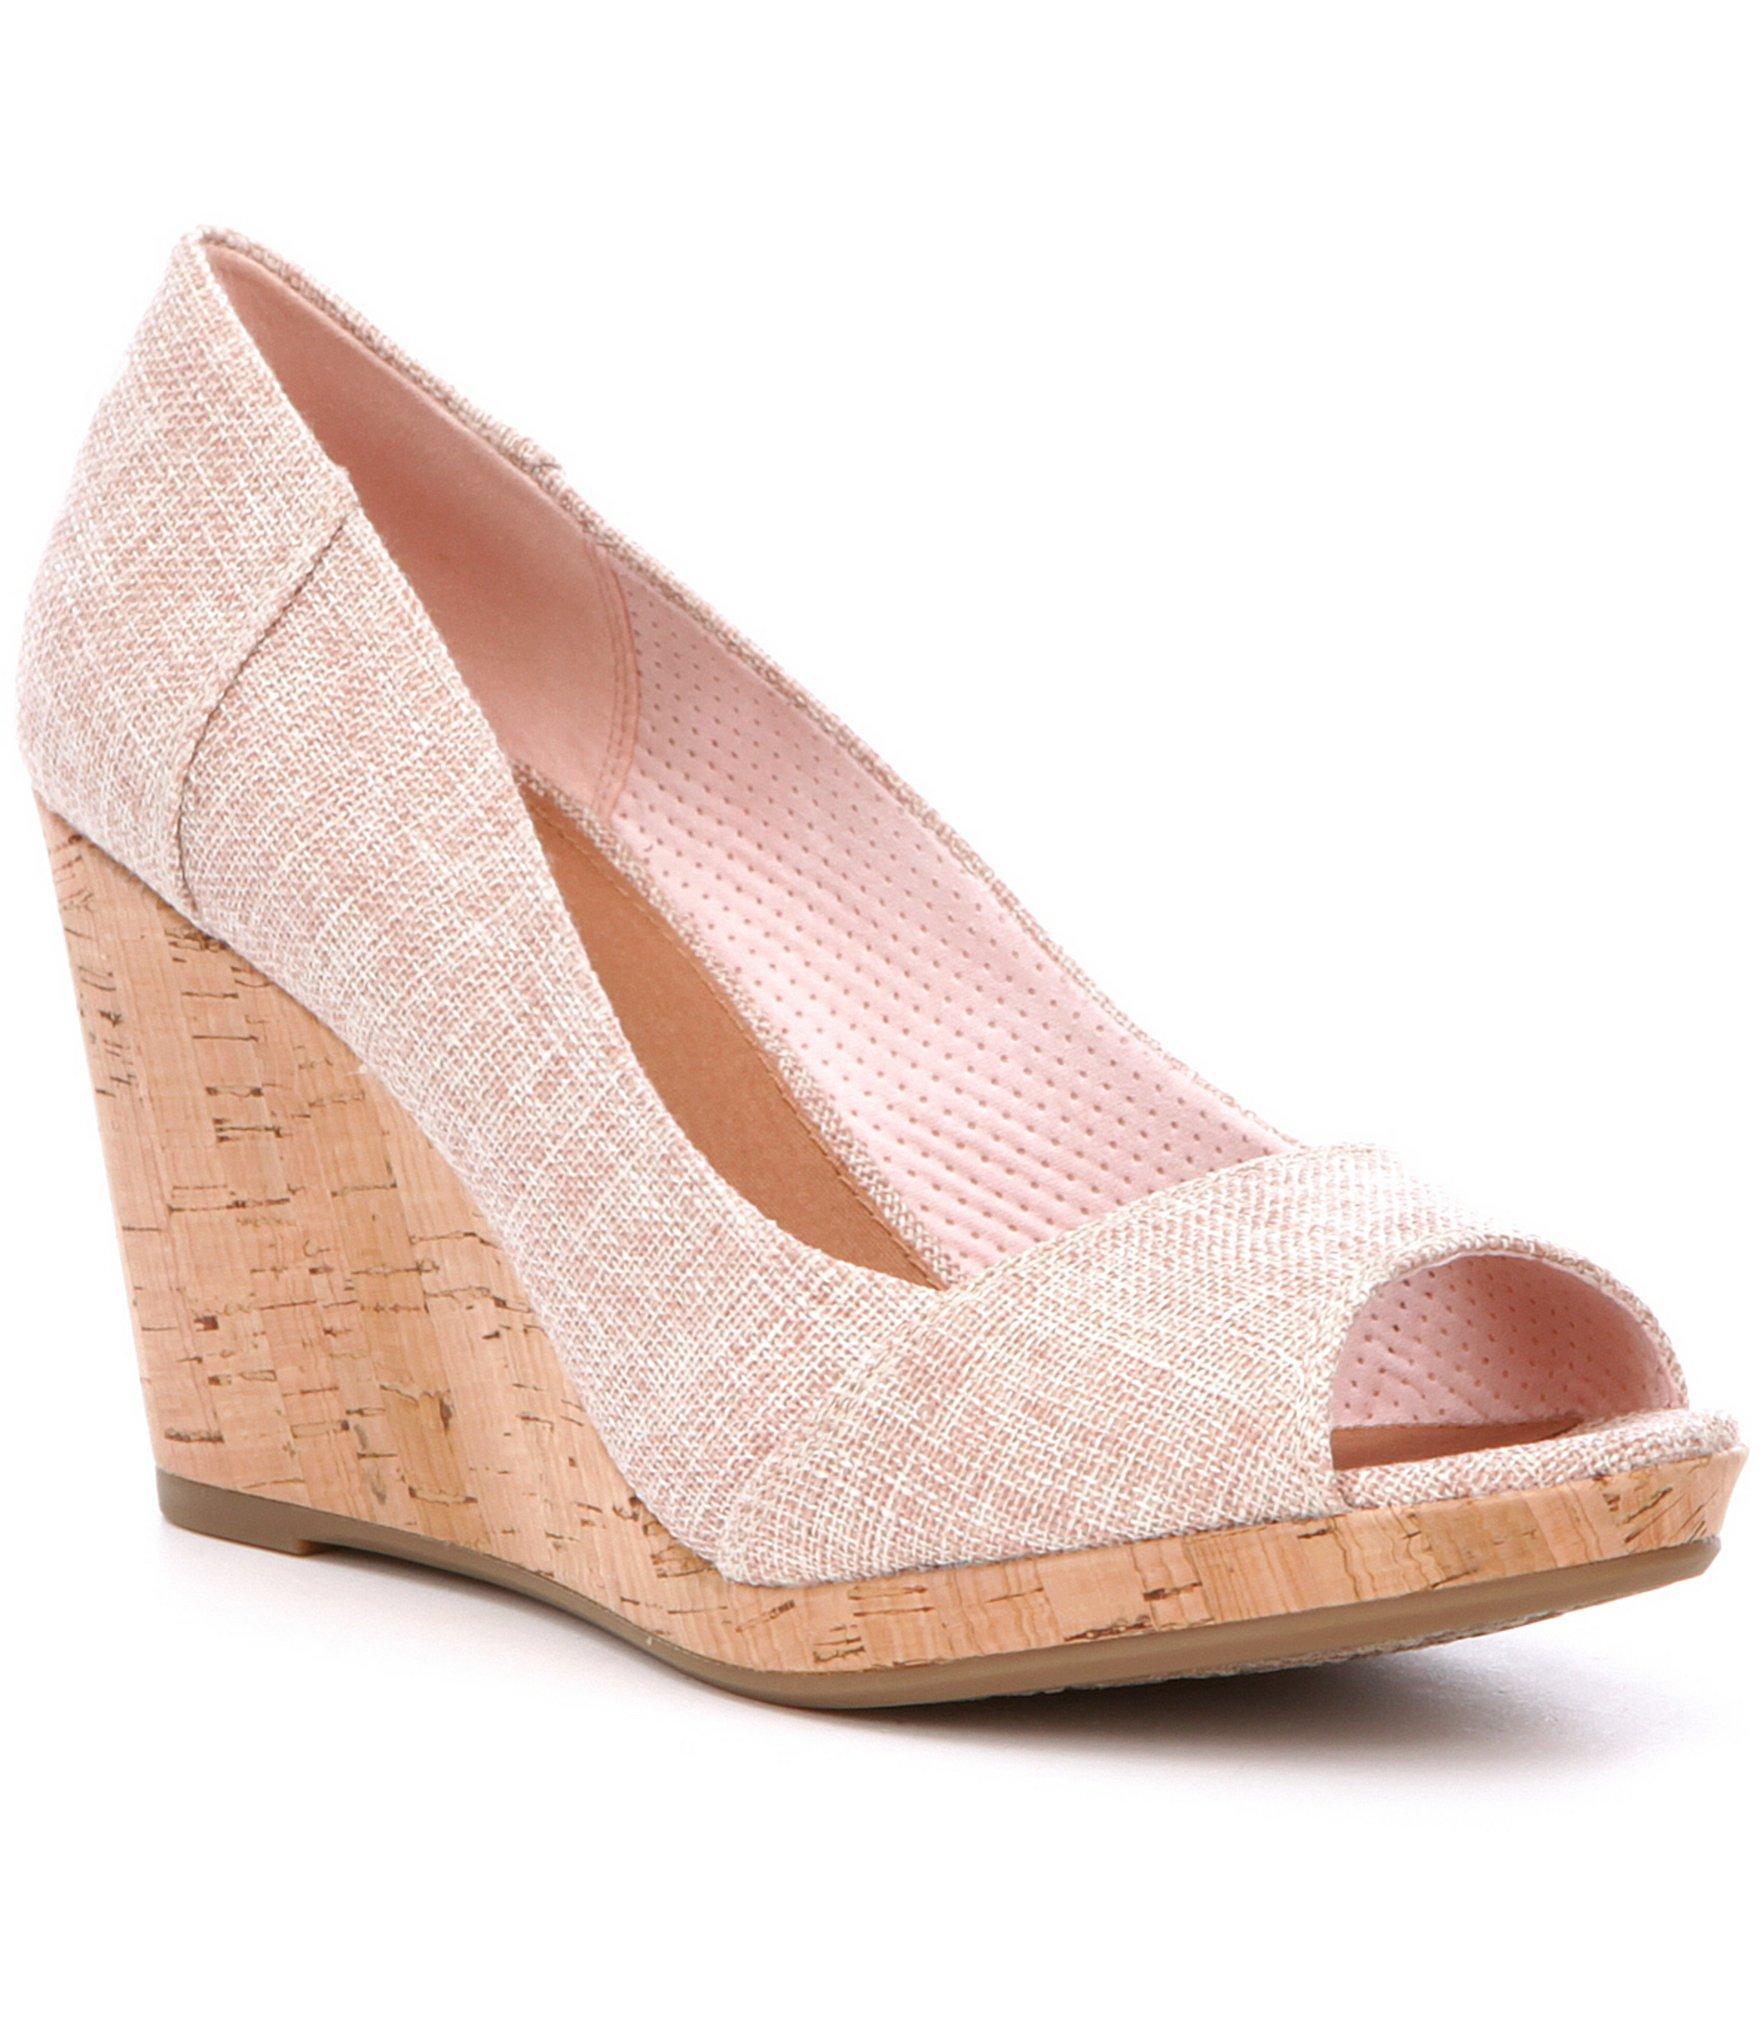 55adff78ead Lyst - TOMS Stella Cork Wedges in Pink